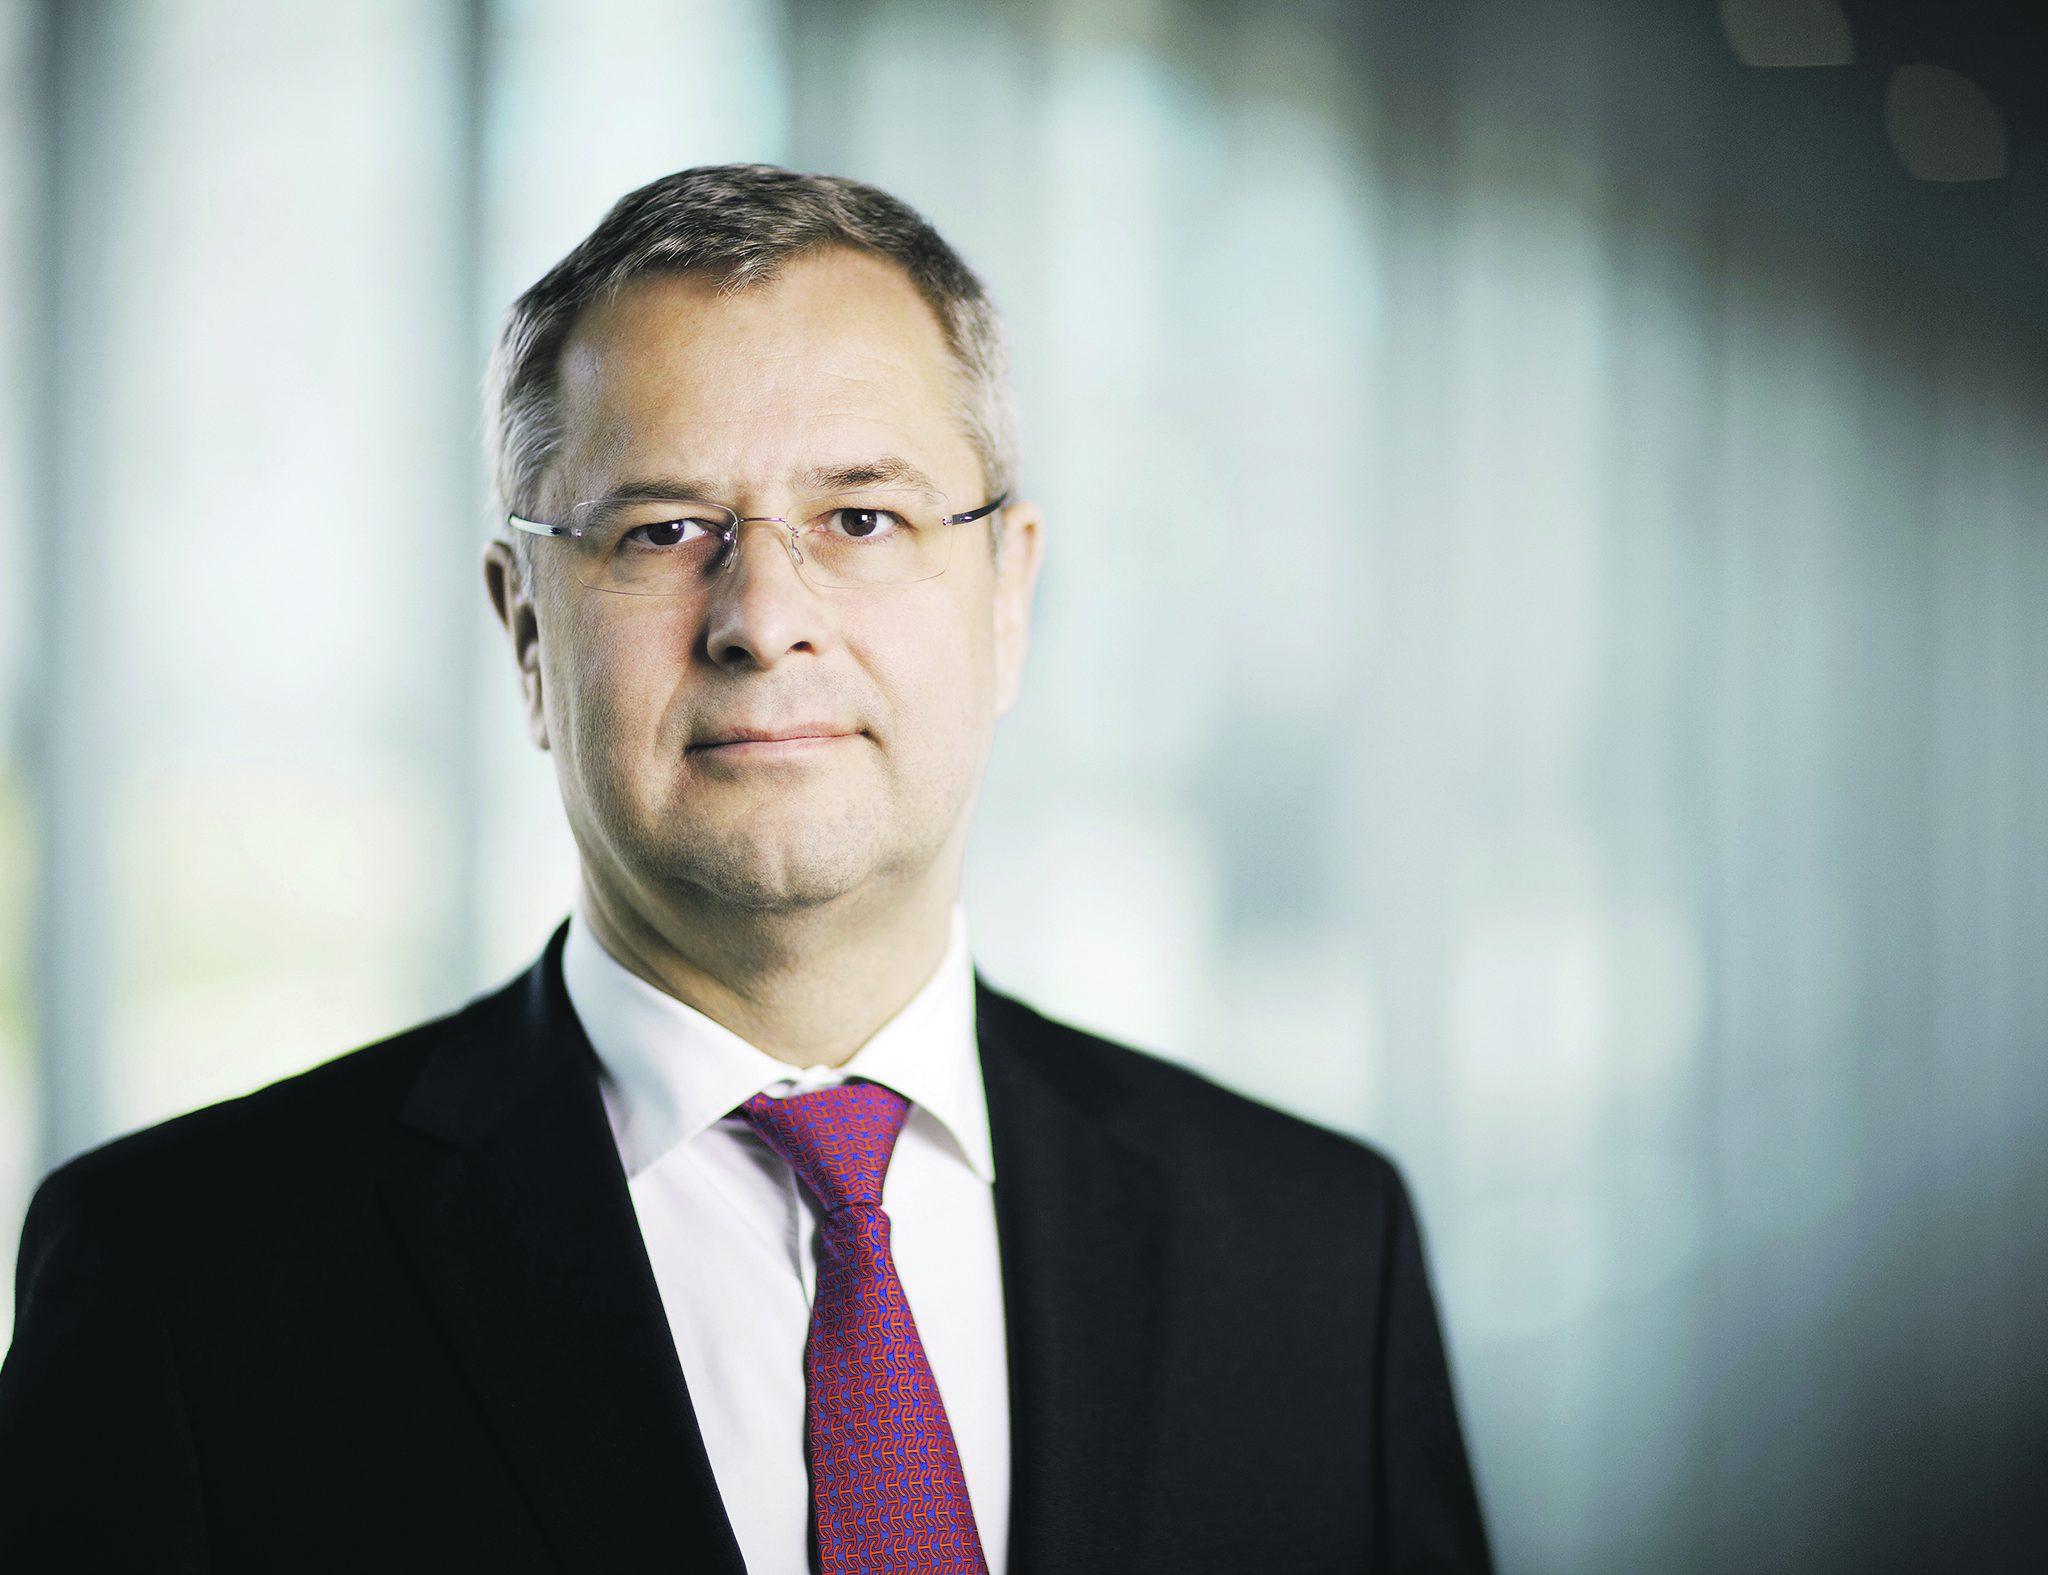 Rederij Maersk zet zwaar in op methanol als klimaatneutrale brandstof. (Foto Maersk)